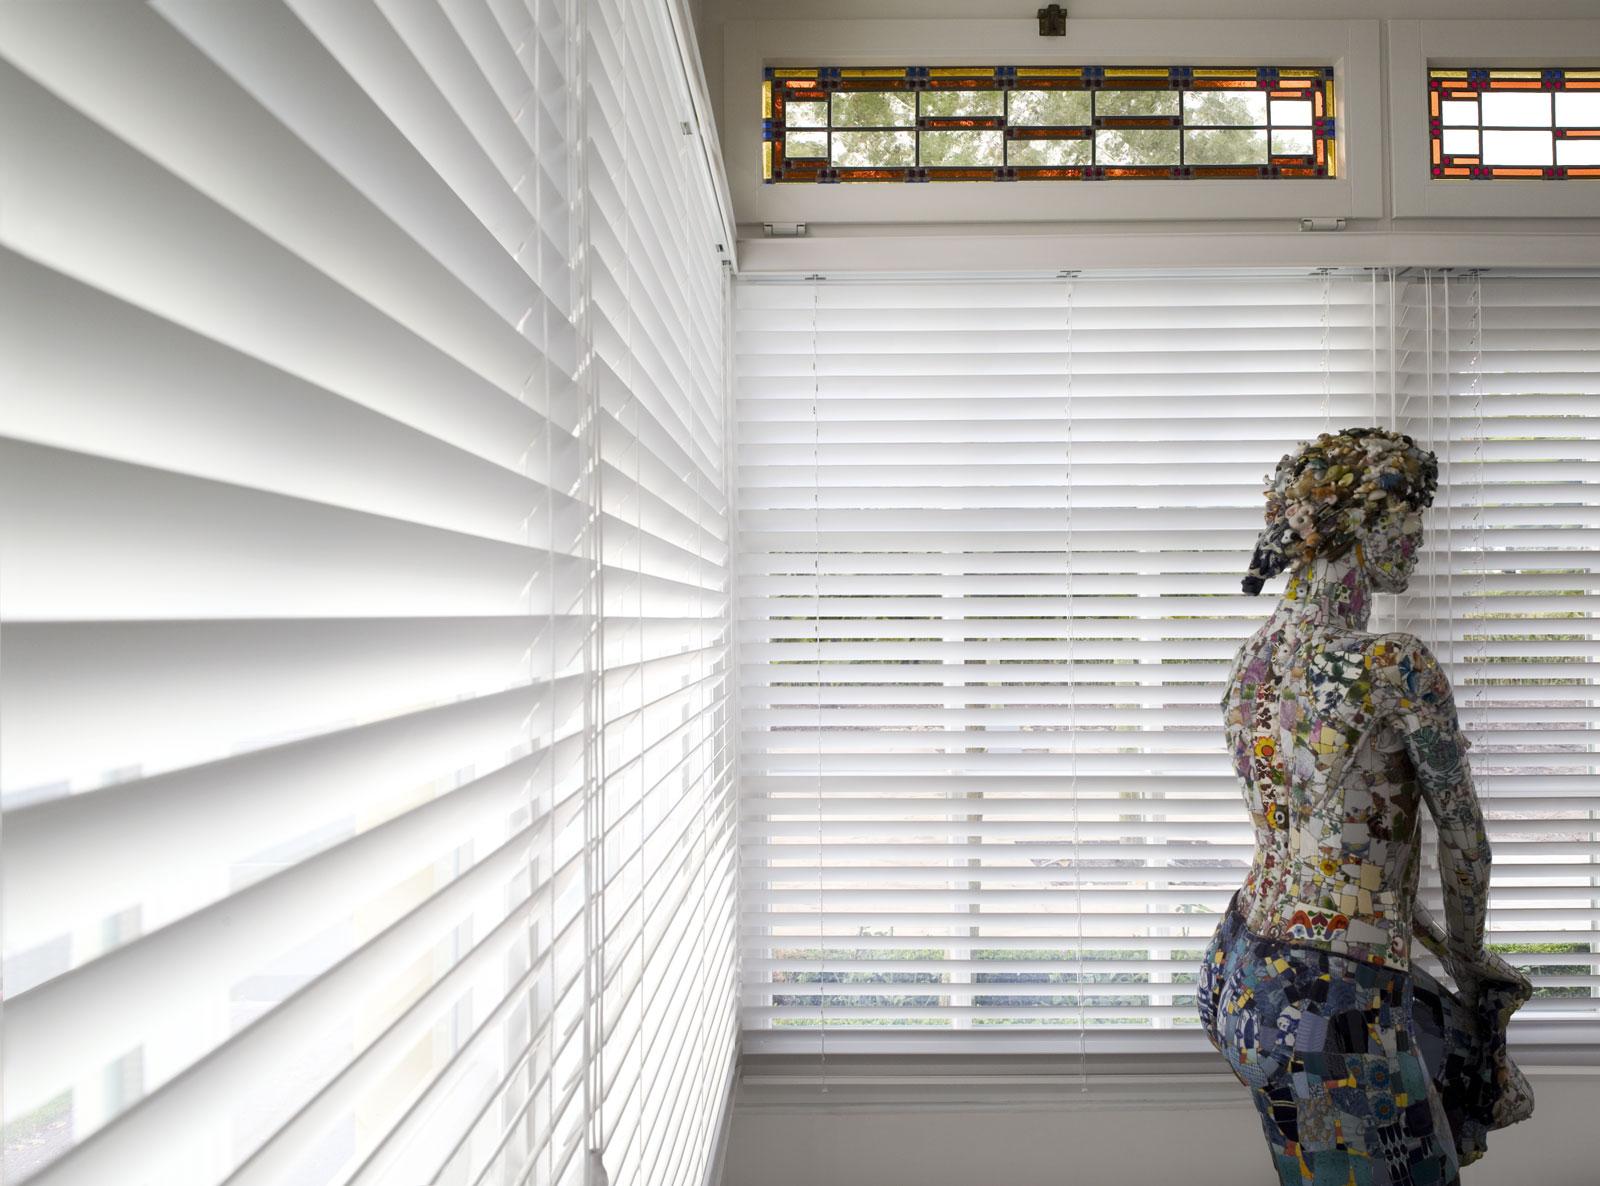 Hochwertiger Sonnenschutz, Sichtschutz und Lichtschutz - Lamellenvorhang - Senkrechtlamellen - Klassische weiße Holzjalousien passend zur Wandfarbe - Dr. Haller + Co. - Selastore®